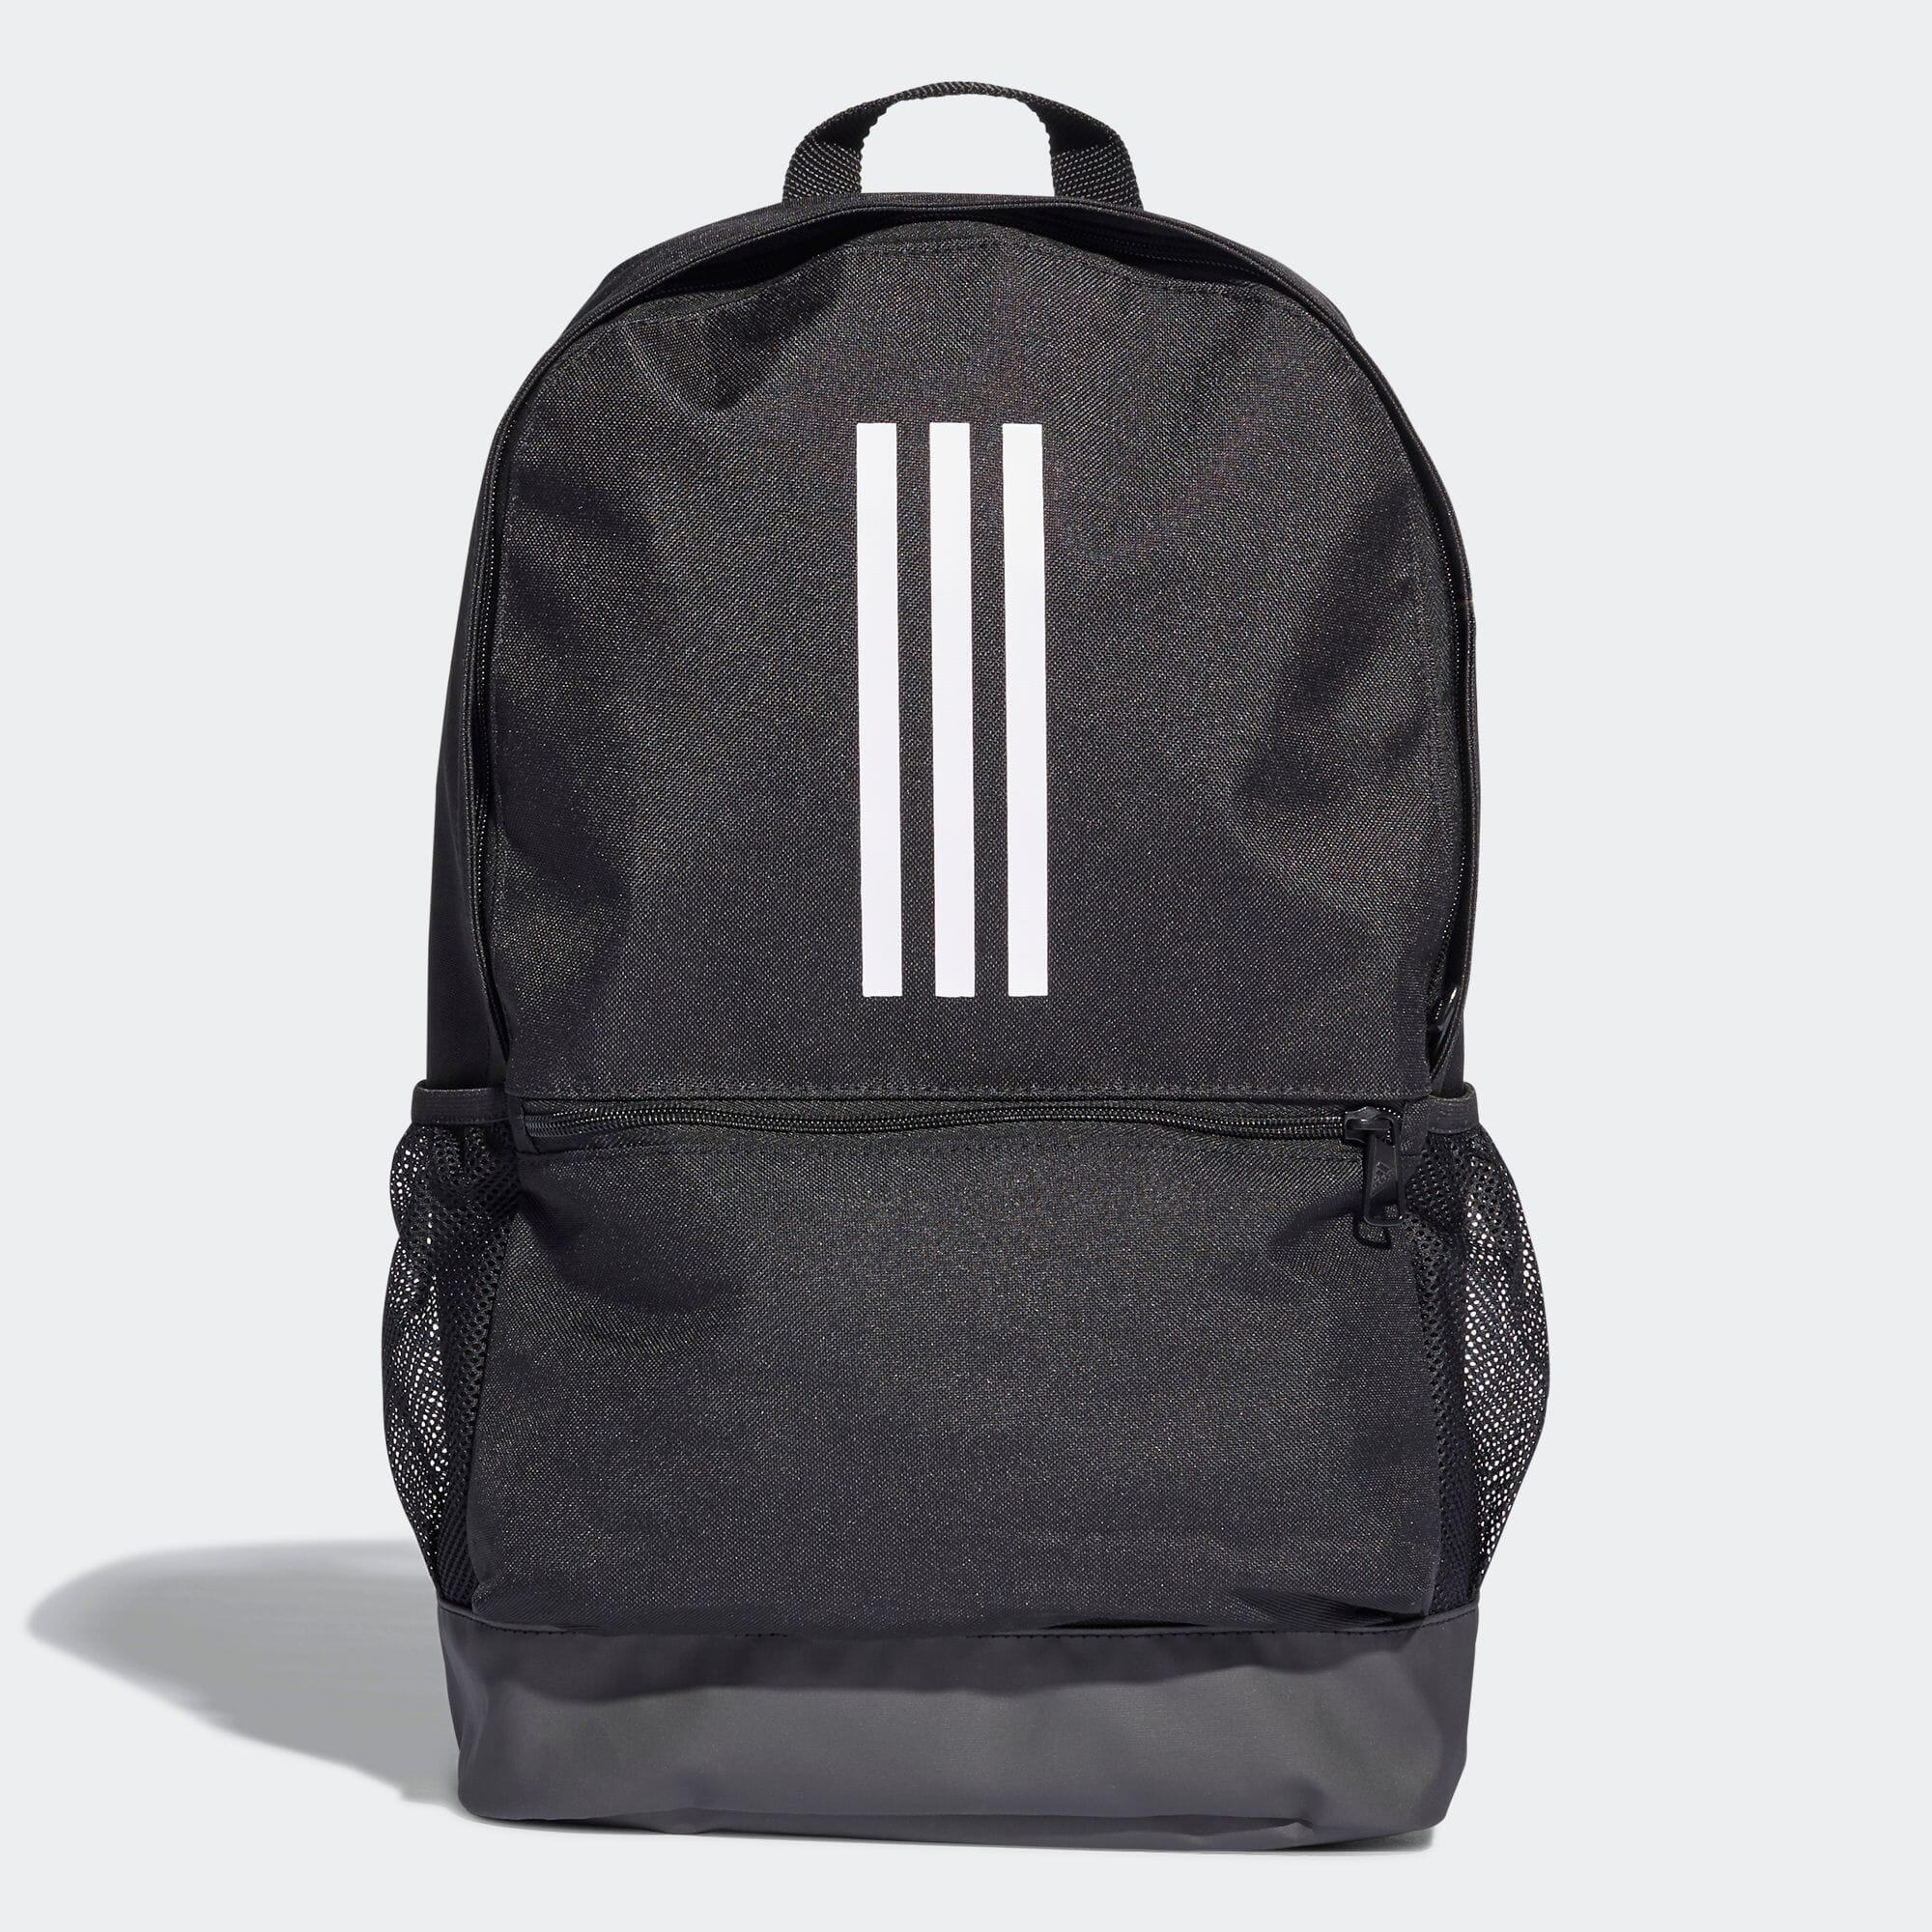 ティロ バックパック(リュックサック) / Tiro Backpack